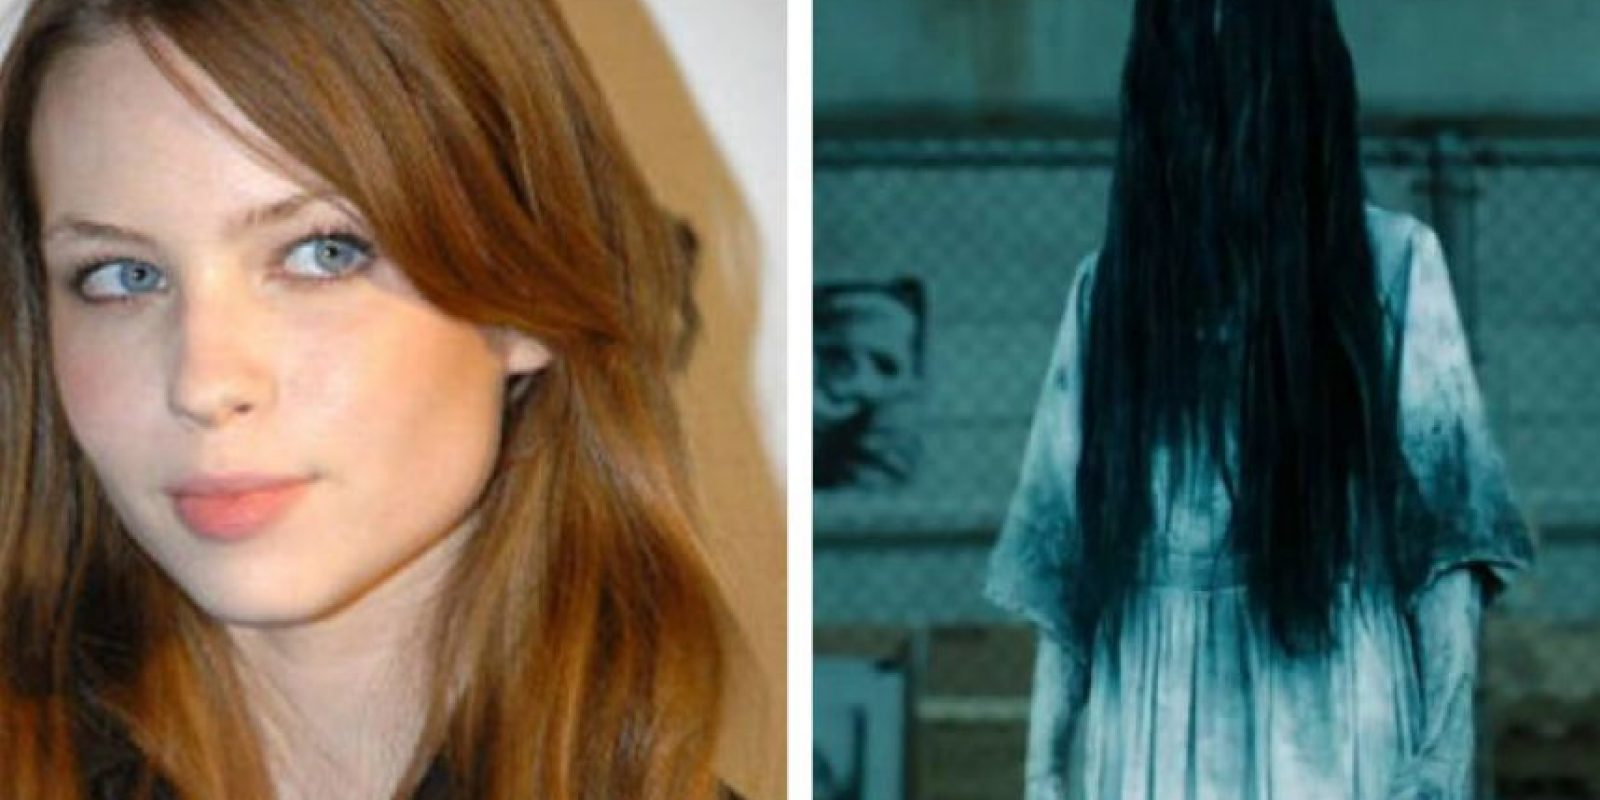 Daveigh Chase le dio vida a Samara Morgan en el filme 'El Aro'